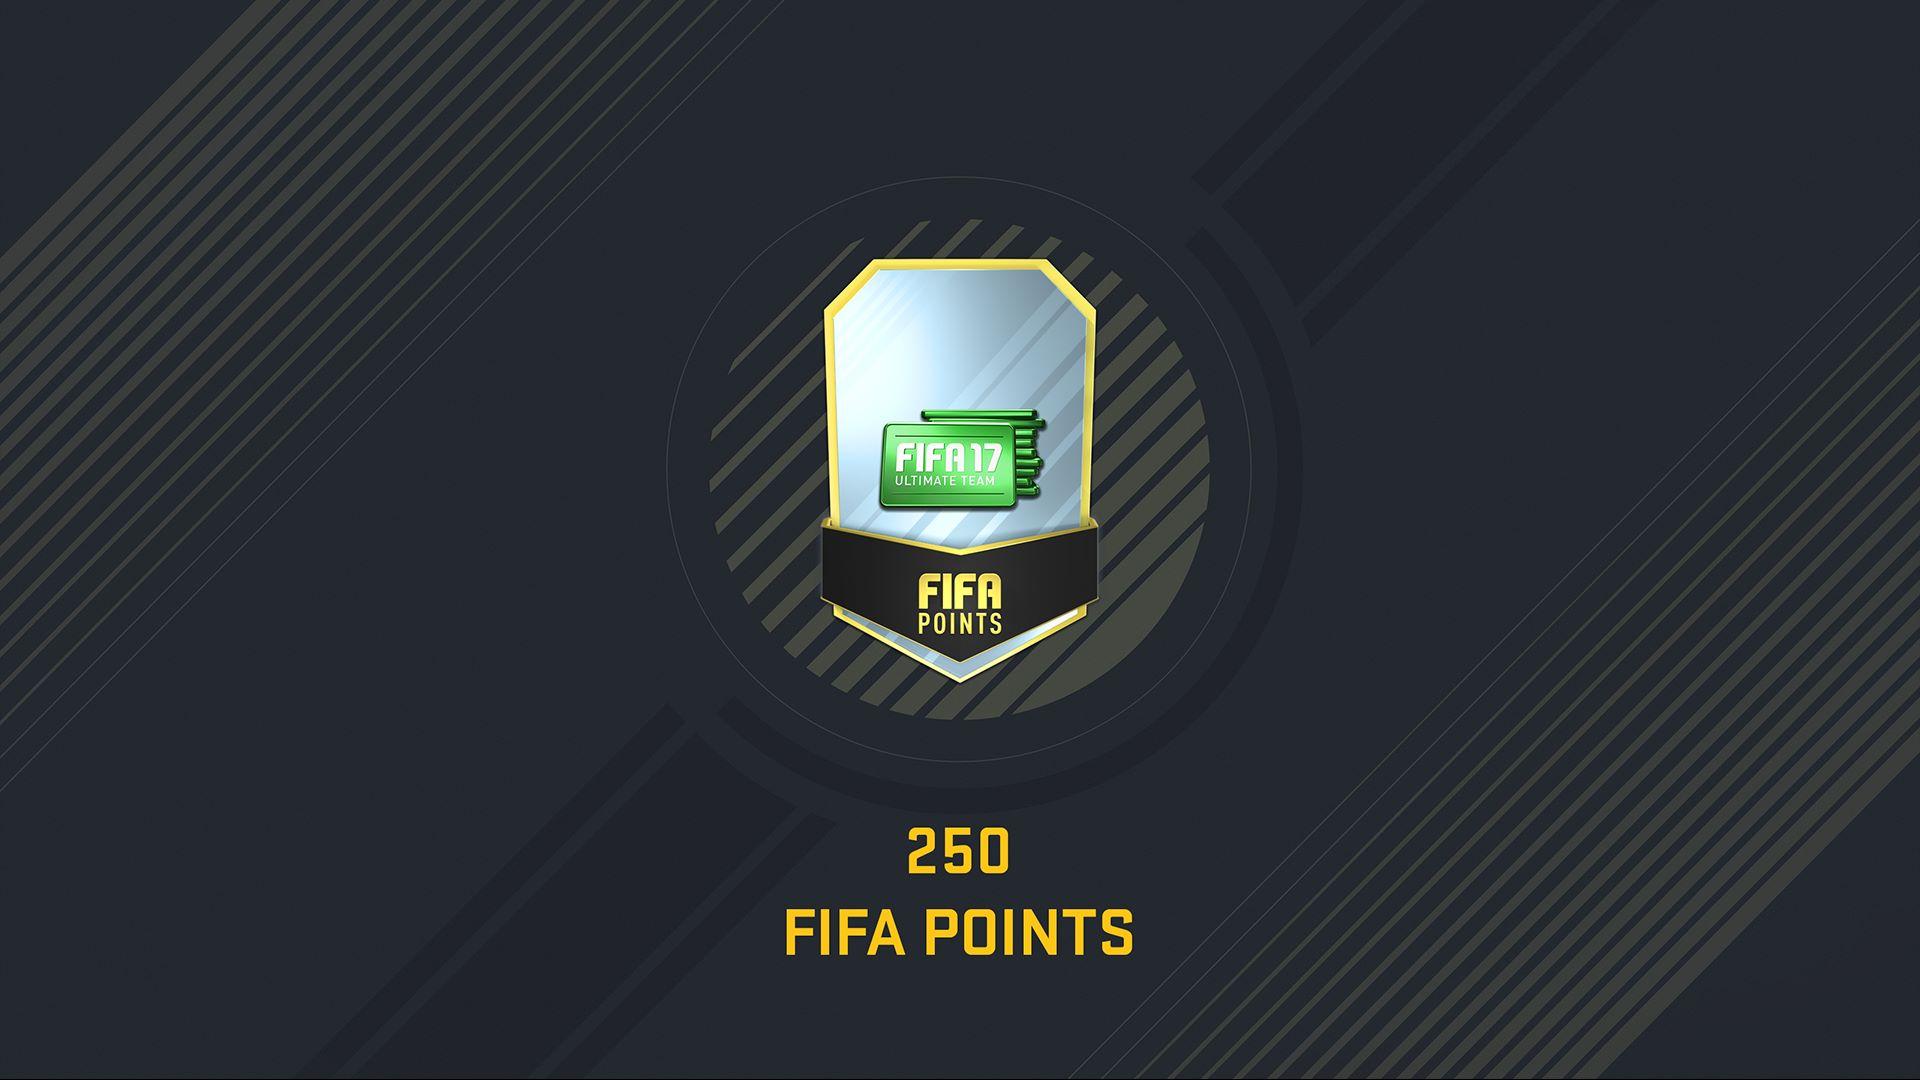 Pacote de 250 FIFA 17 Points